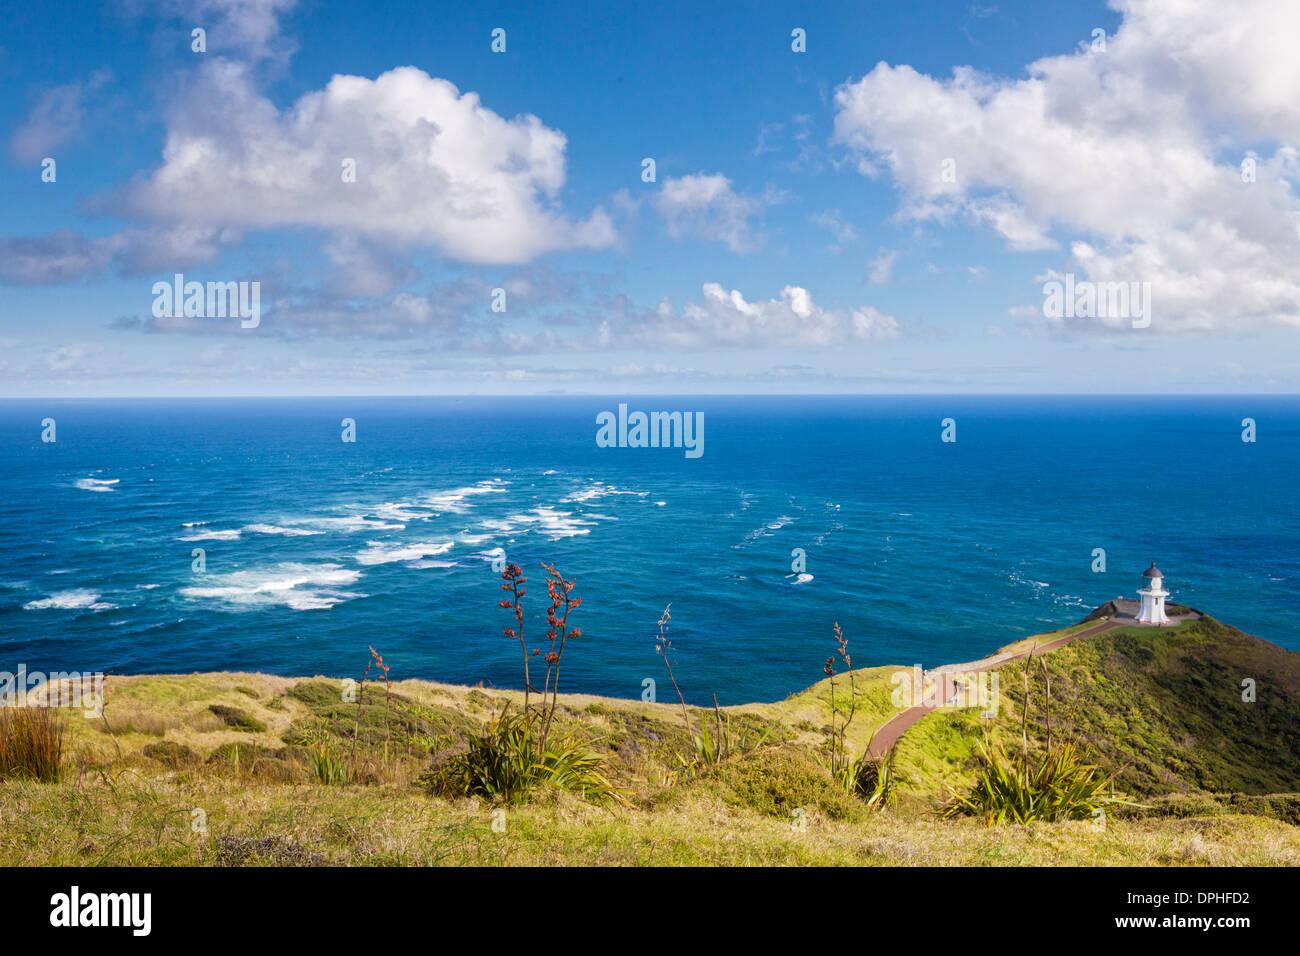 El famoso faro de Cape Reinga, Northland, Nueva Zelanda. El área aproximada de agua es... Imagen De Stock